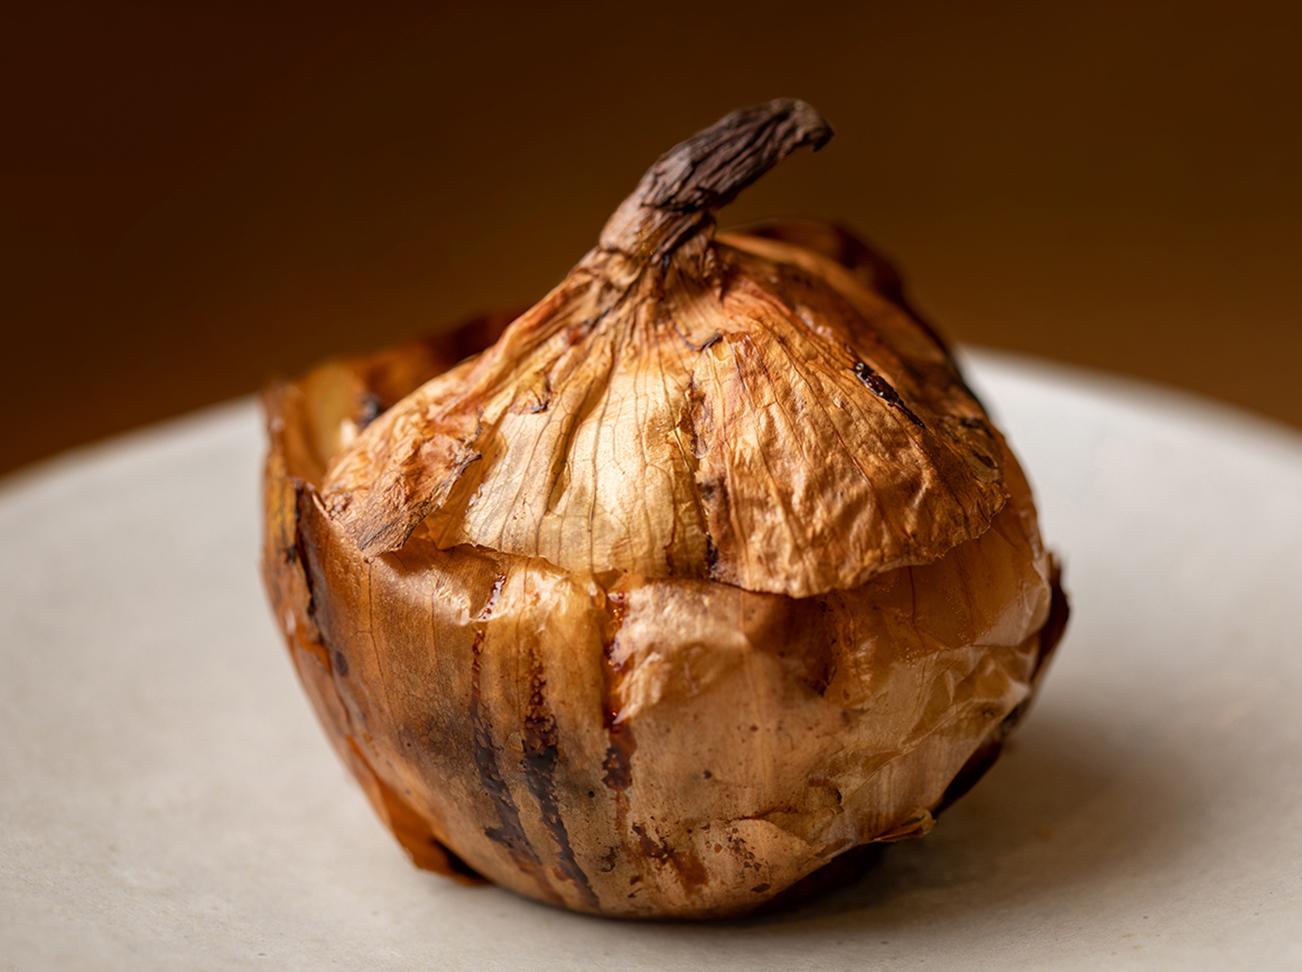 店内で頂ける料理は、季節や食材によって様々。写真は、玉ねぎを使ったイタリアの茶碗蒸しのような料理「スフォルマート」